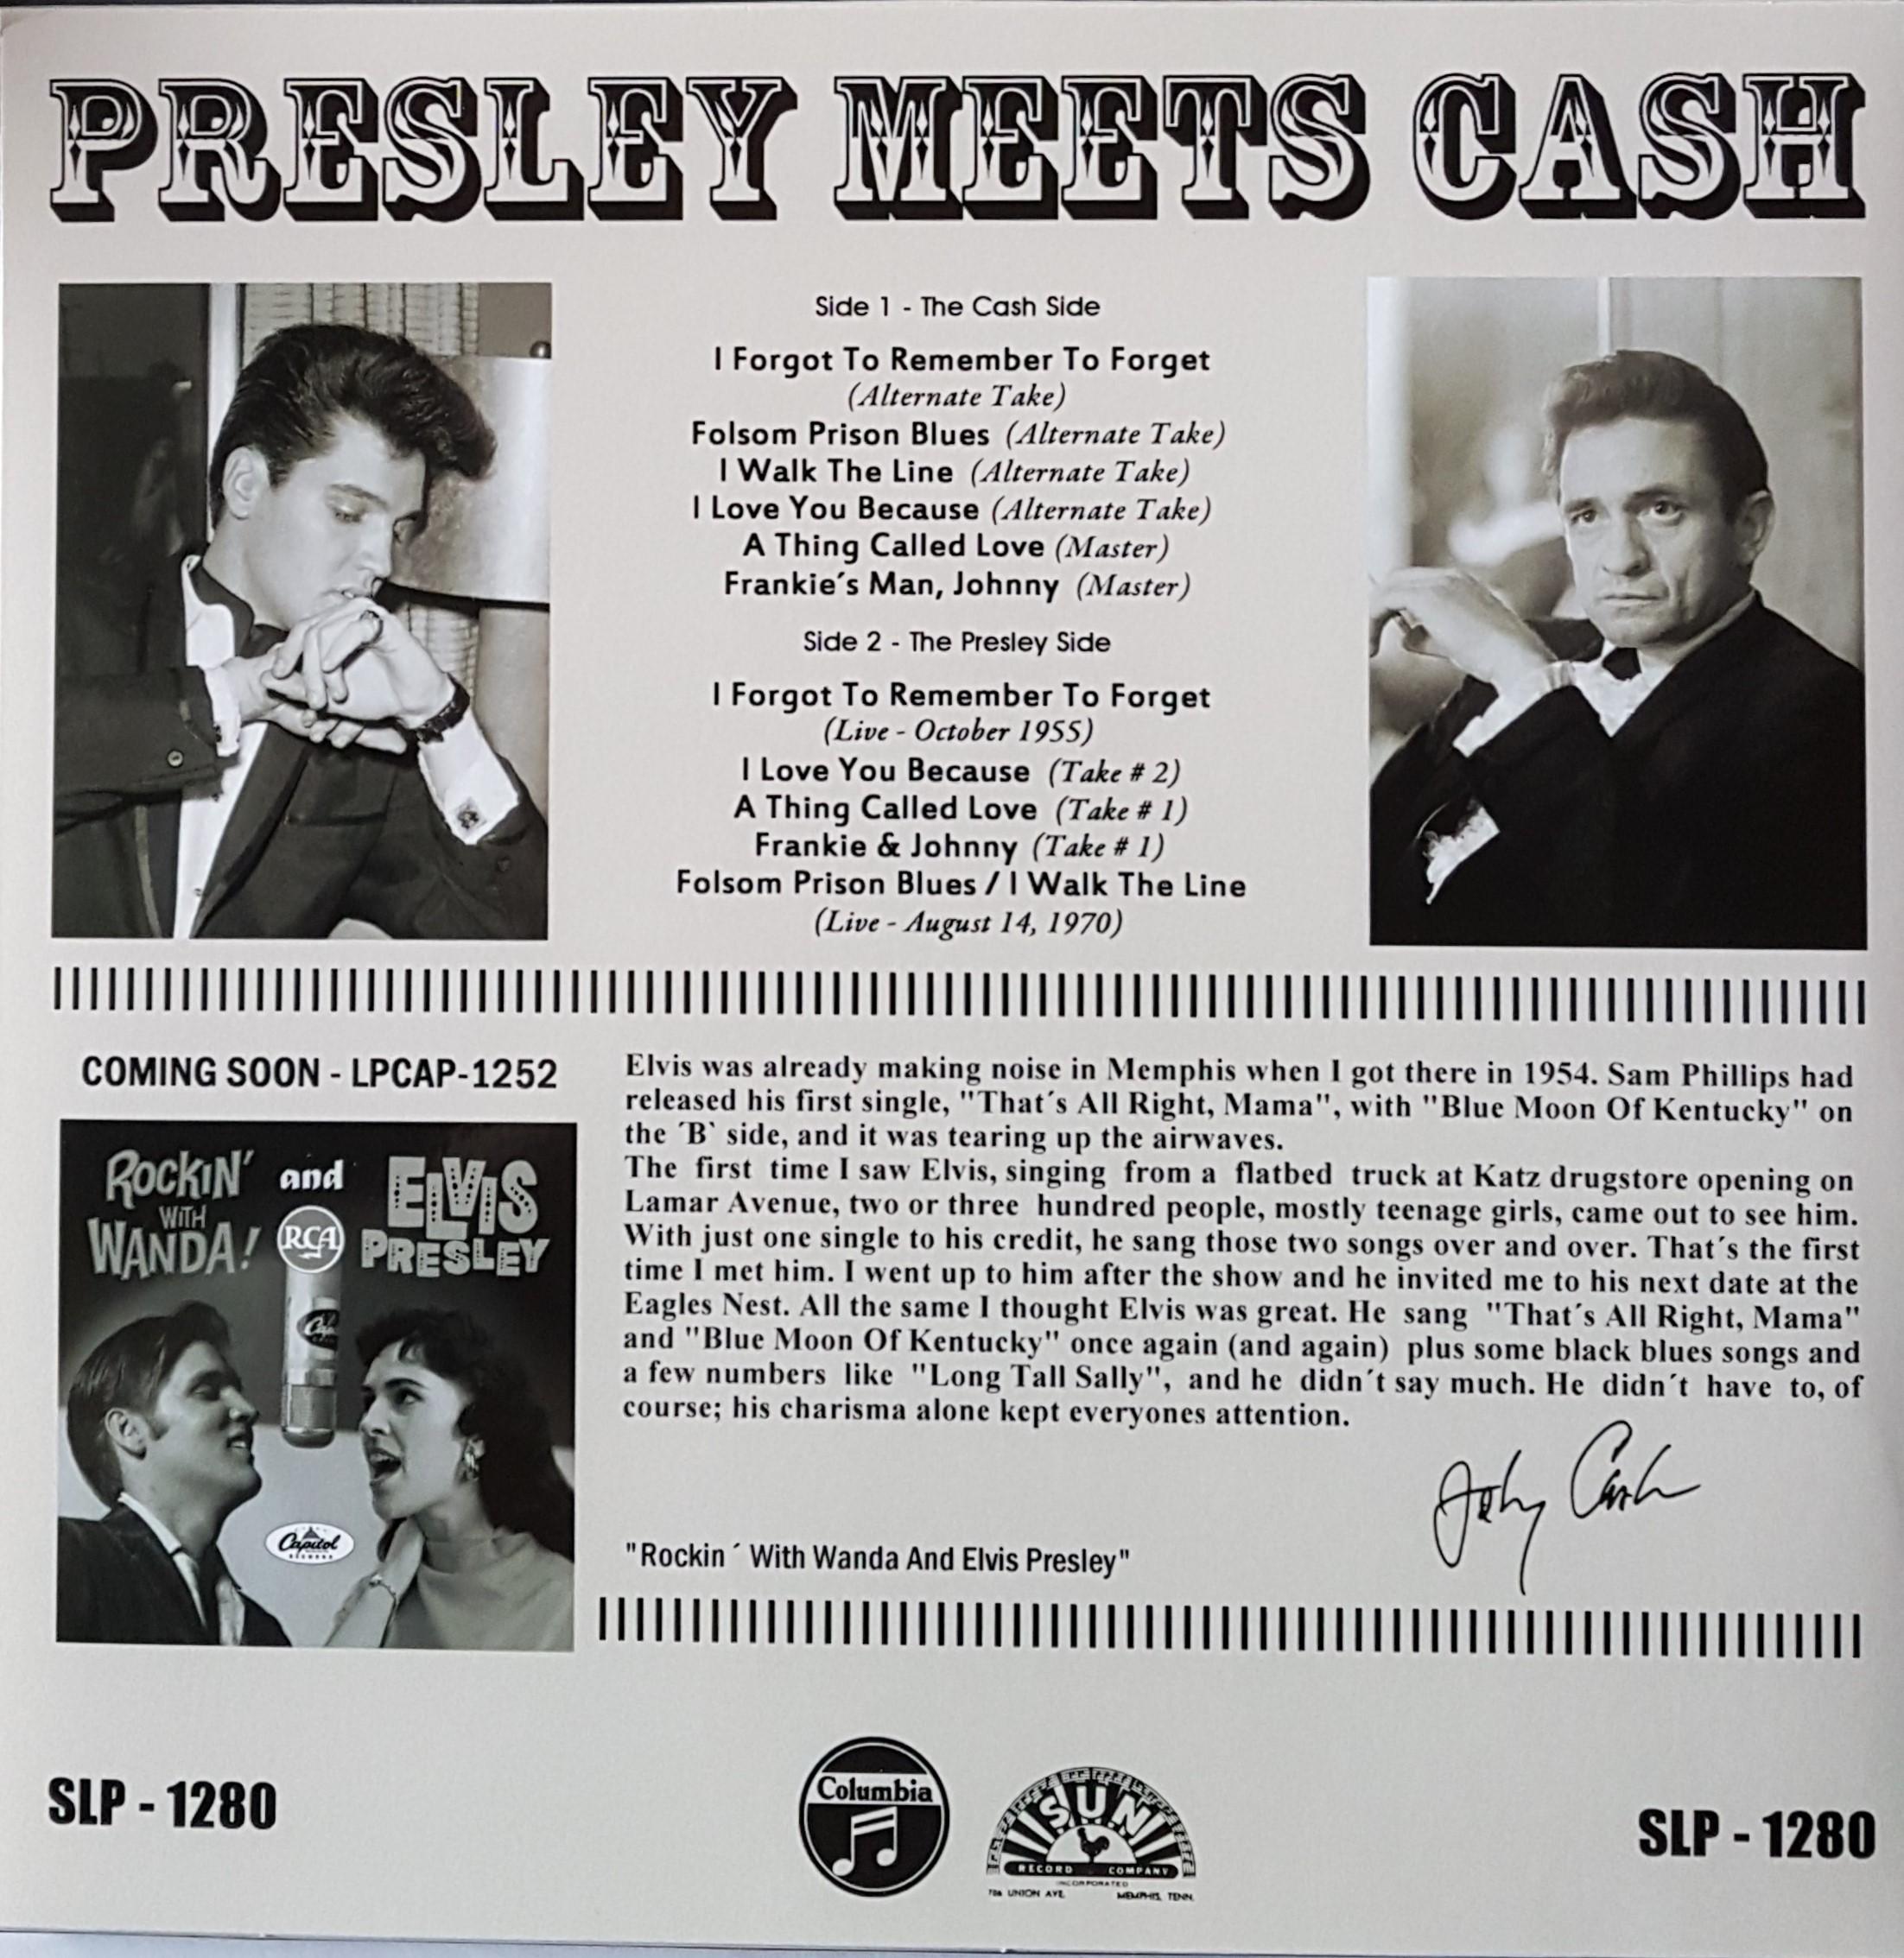 Presley - PRESLEY MEETS CASH 20181024_11470220ni6s